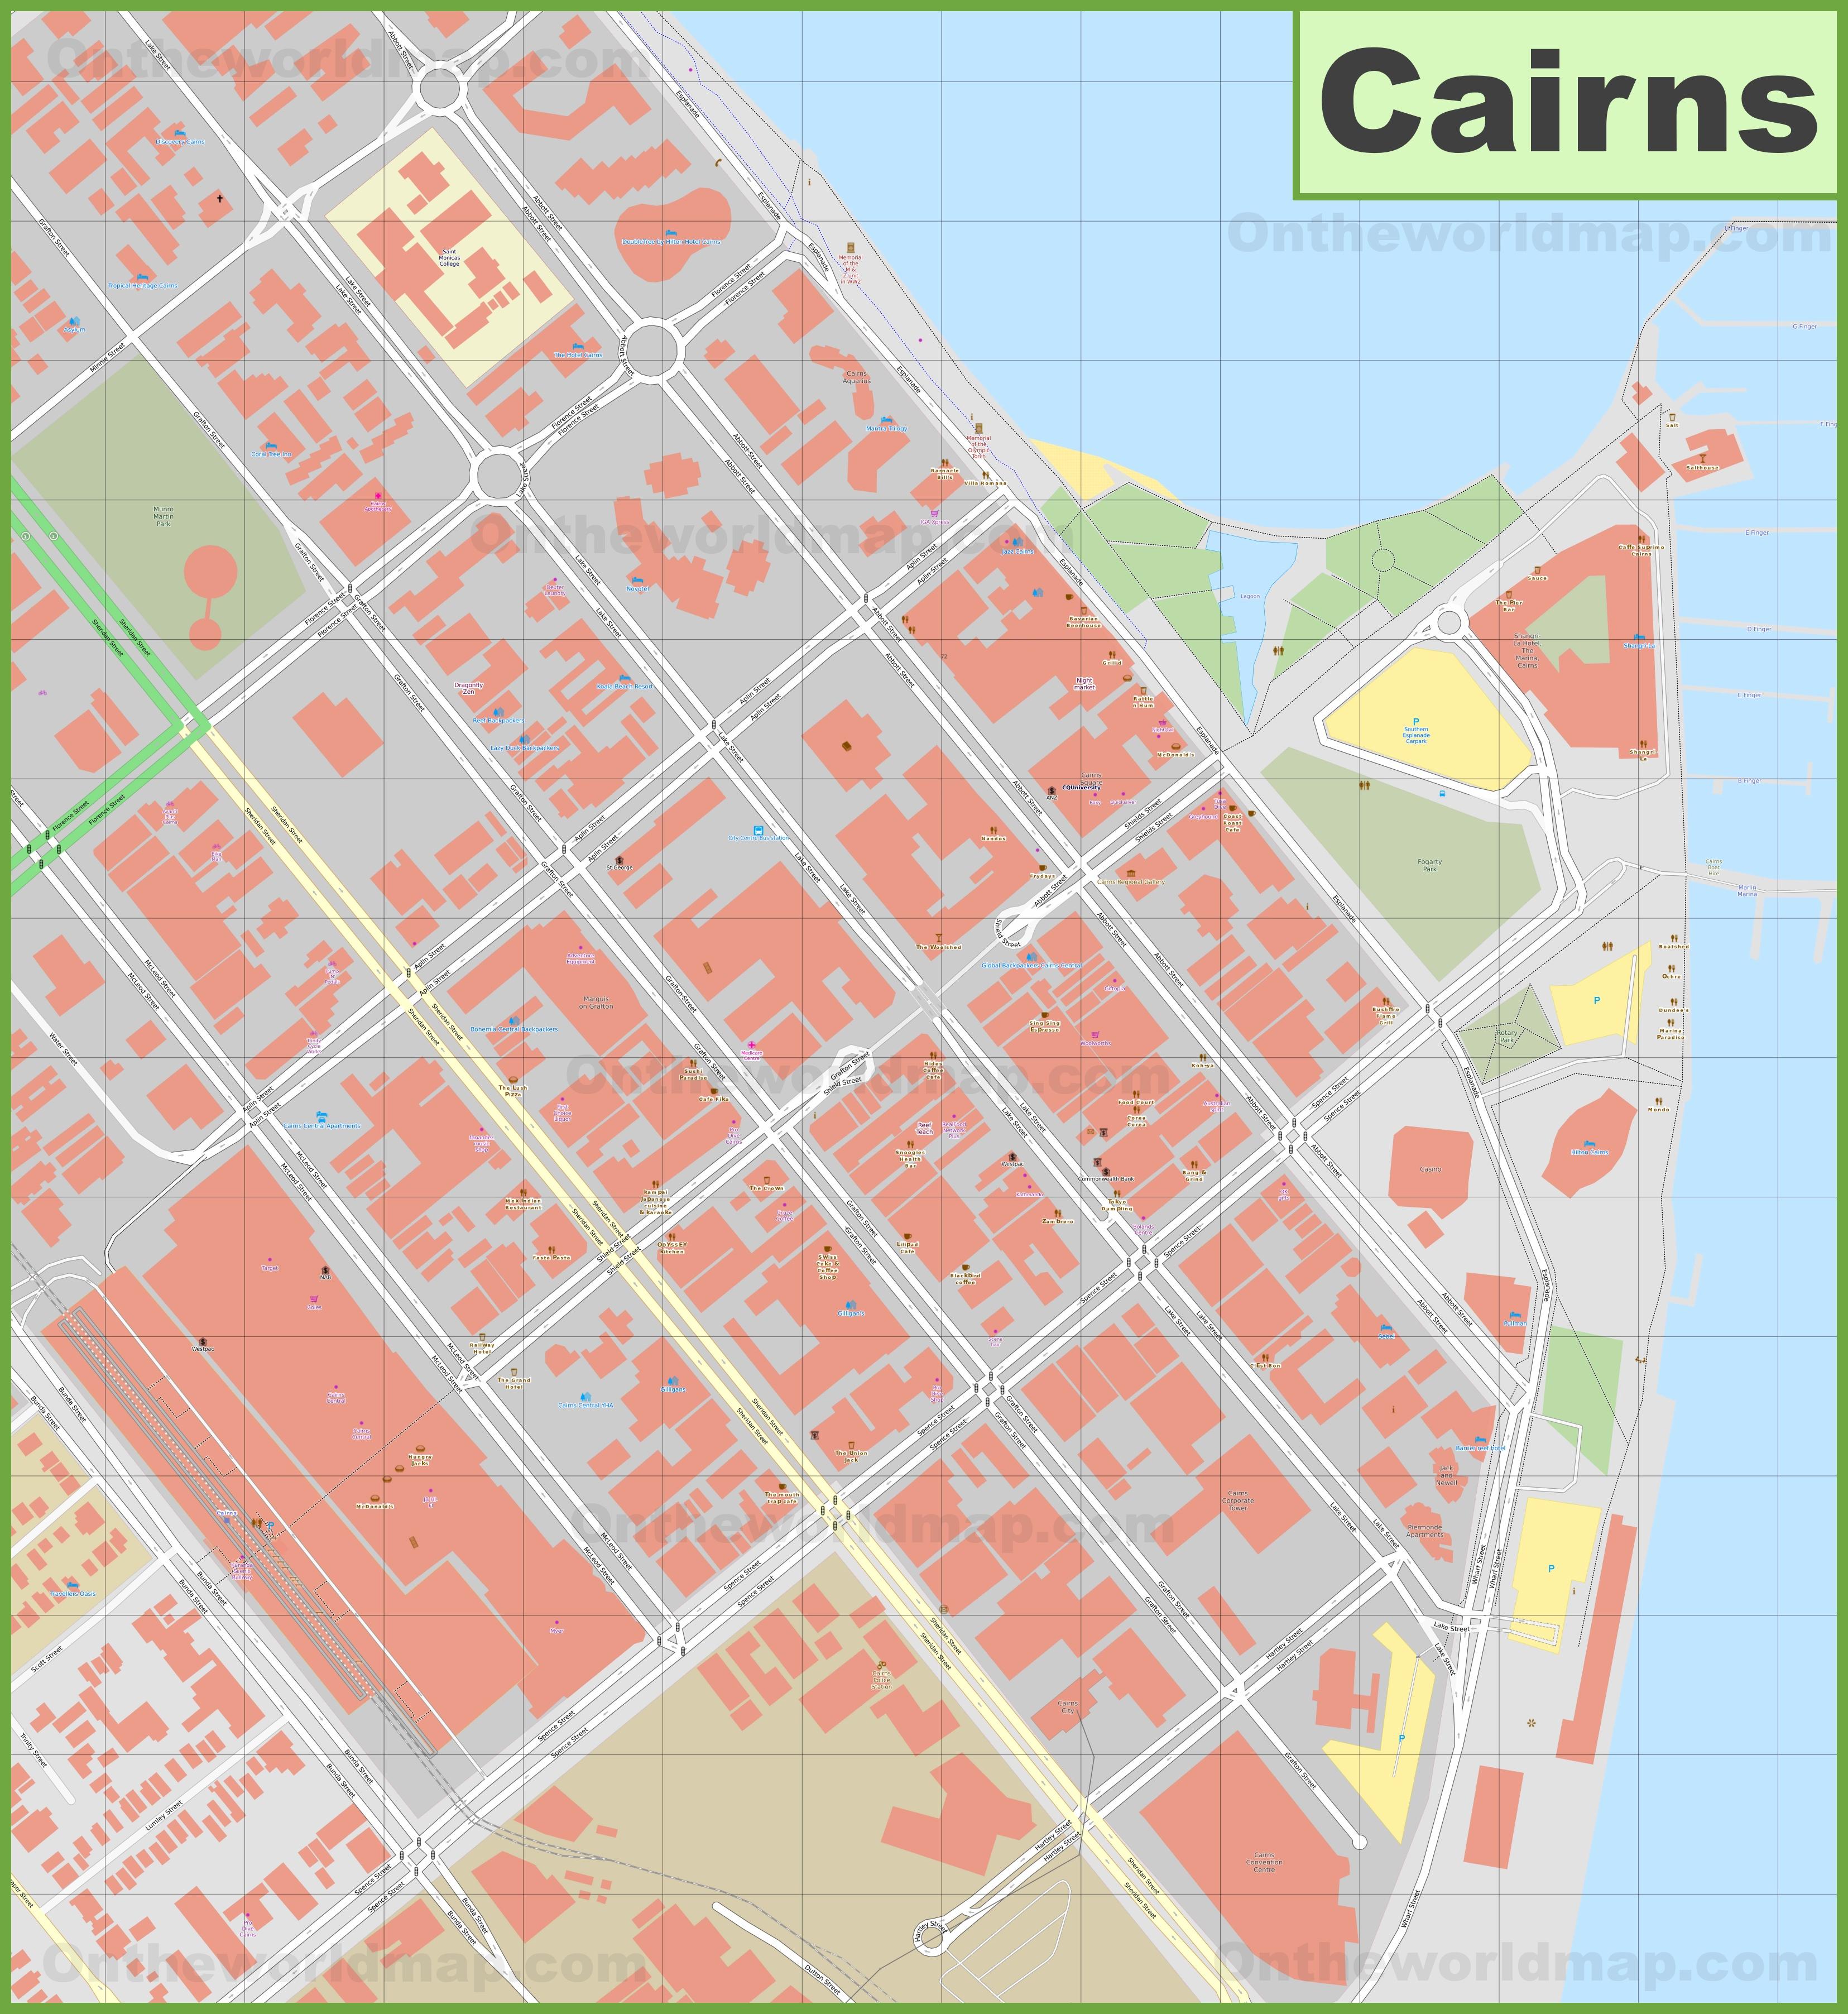 Cairns CBD map